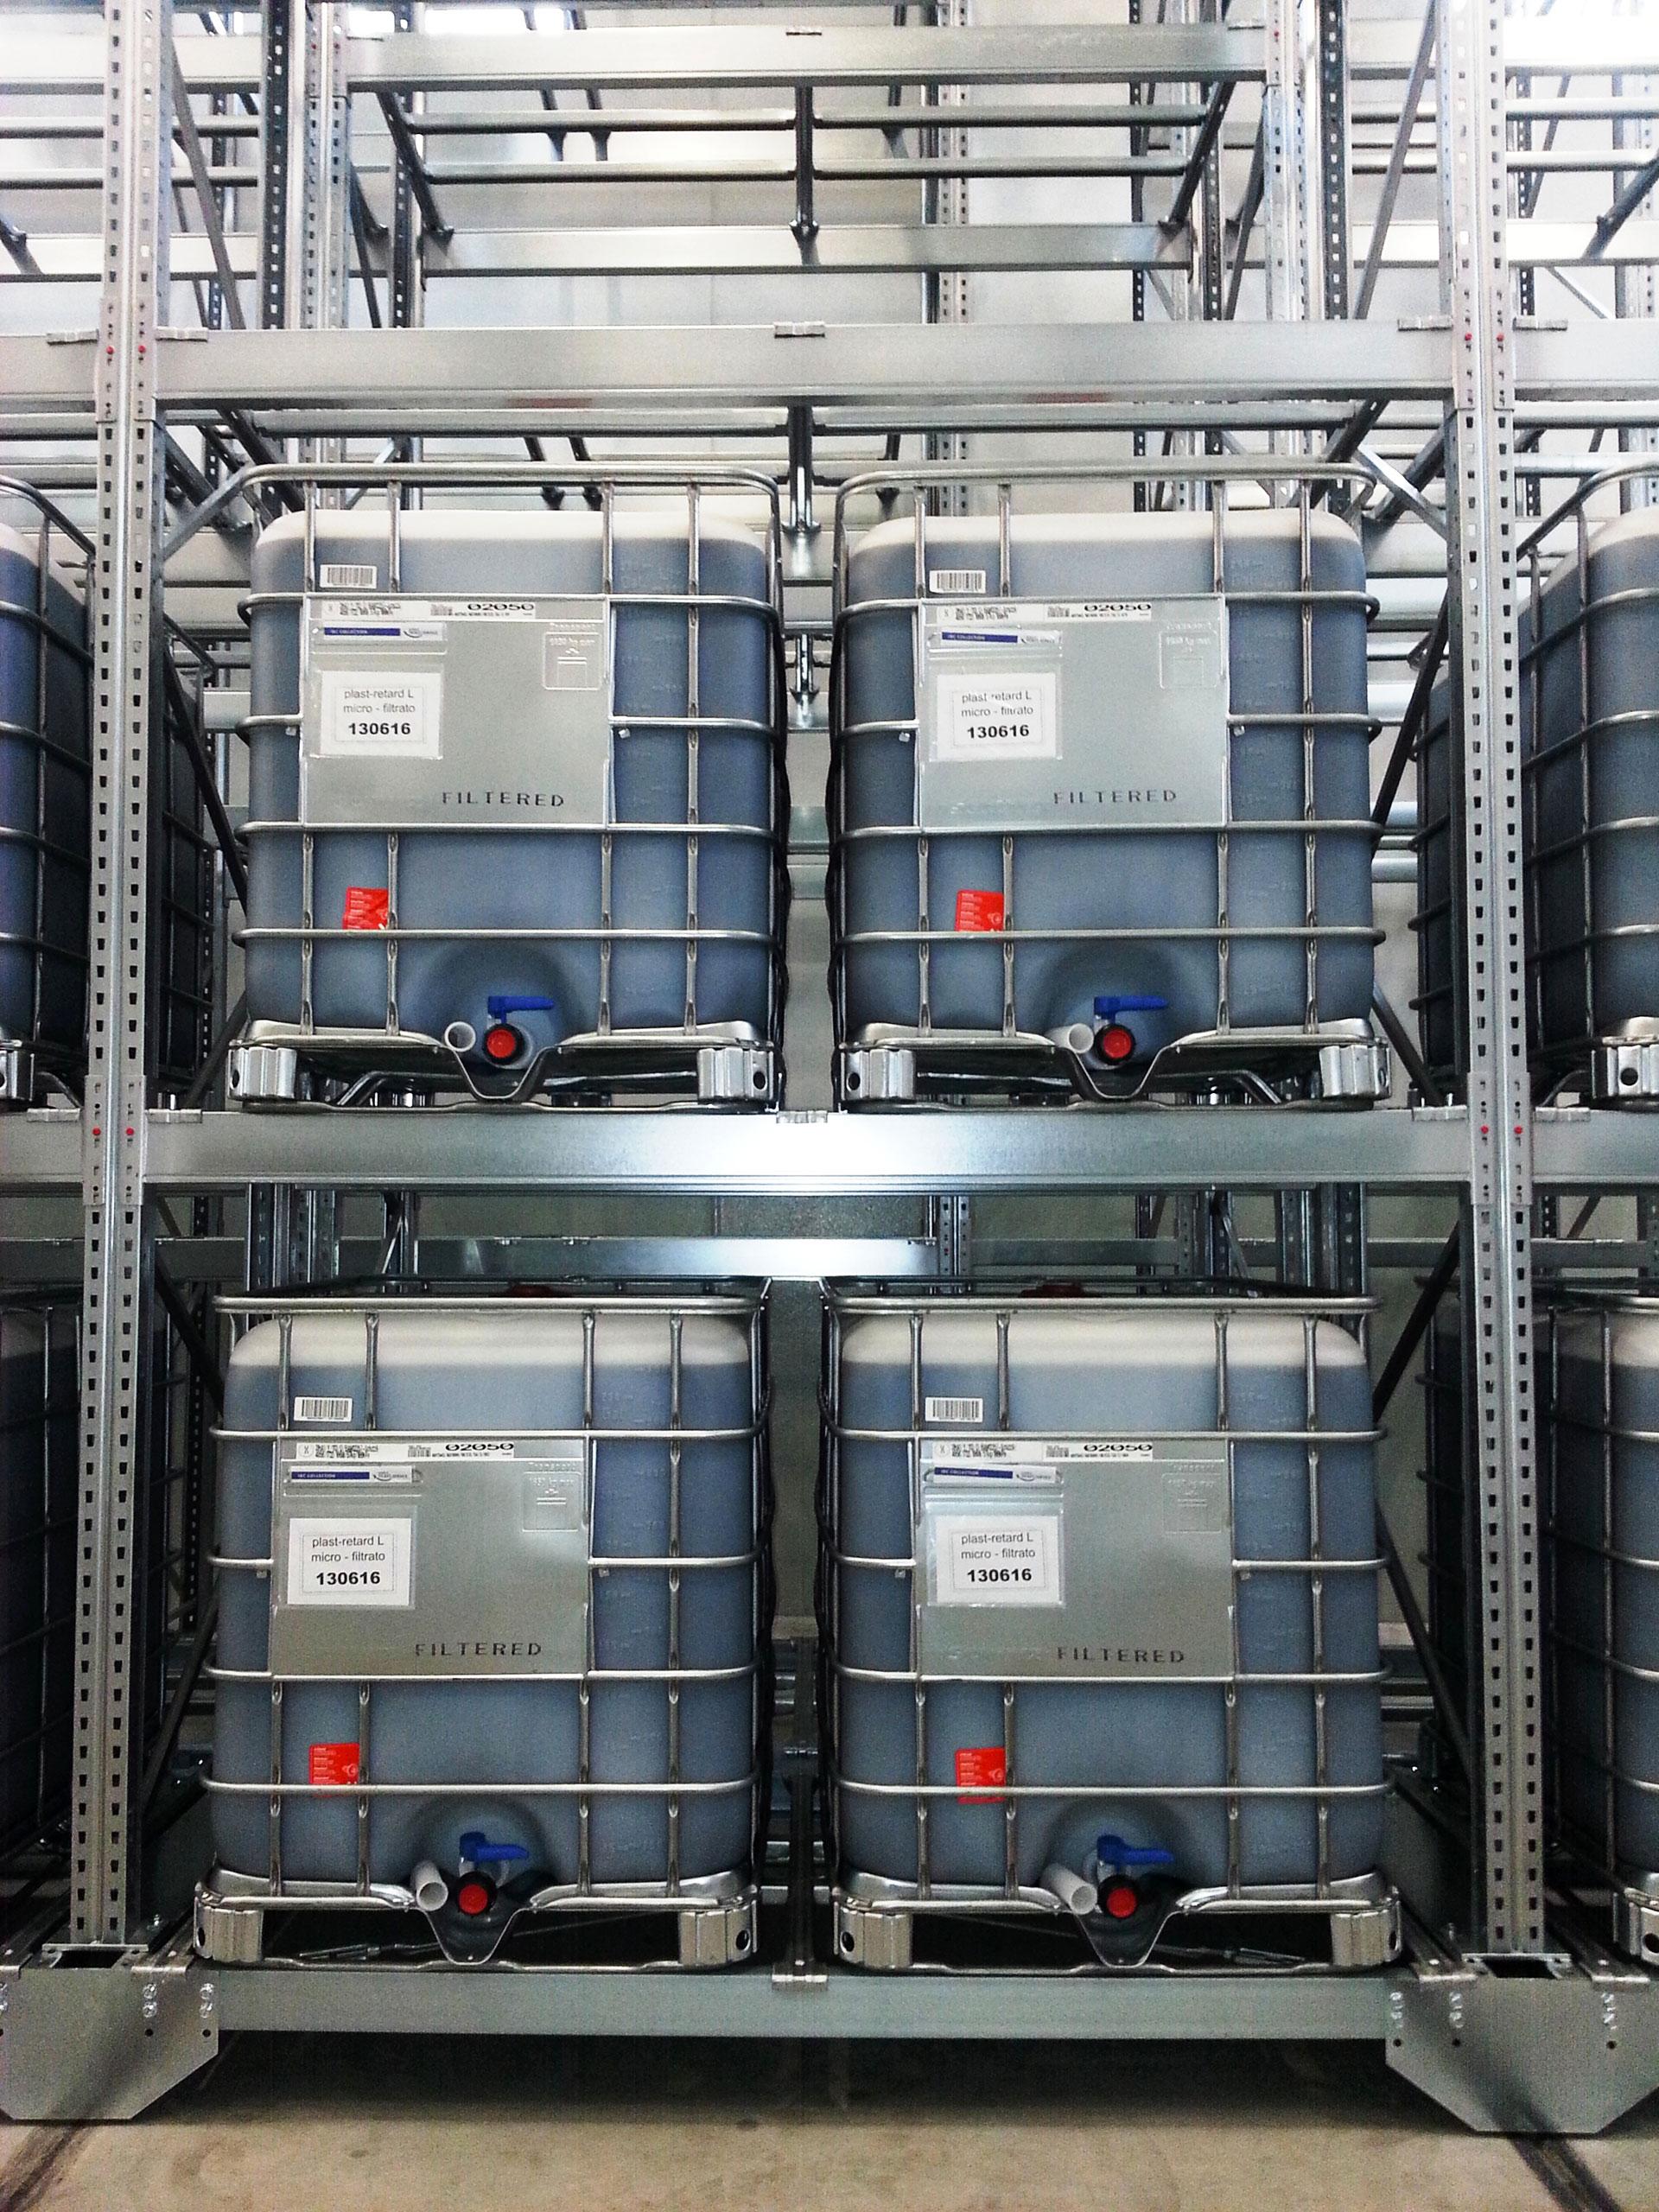 magazzini compattabili che contengono cisternea cisterne